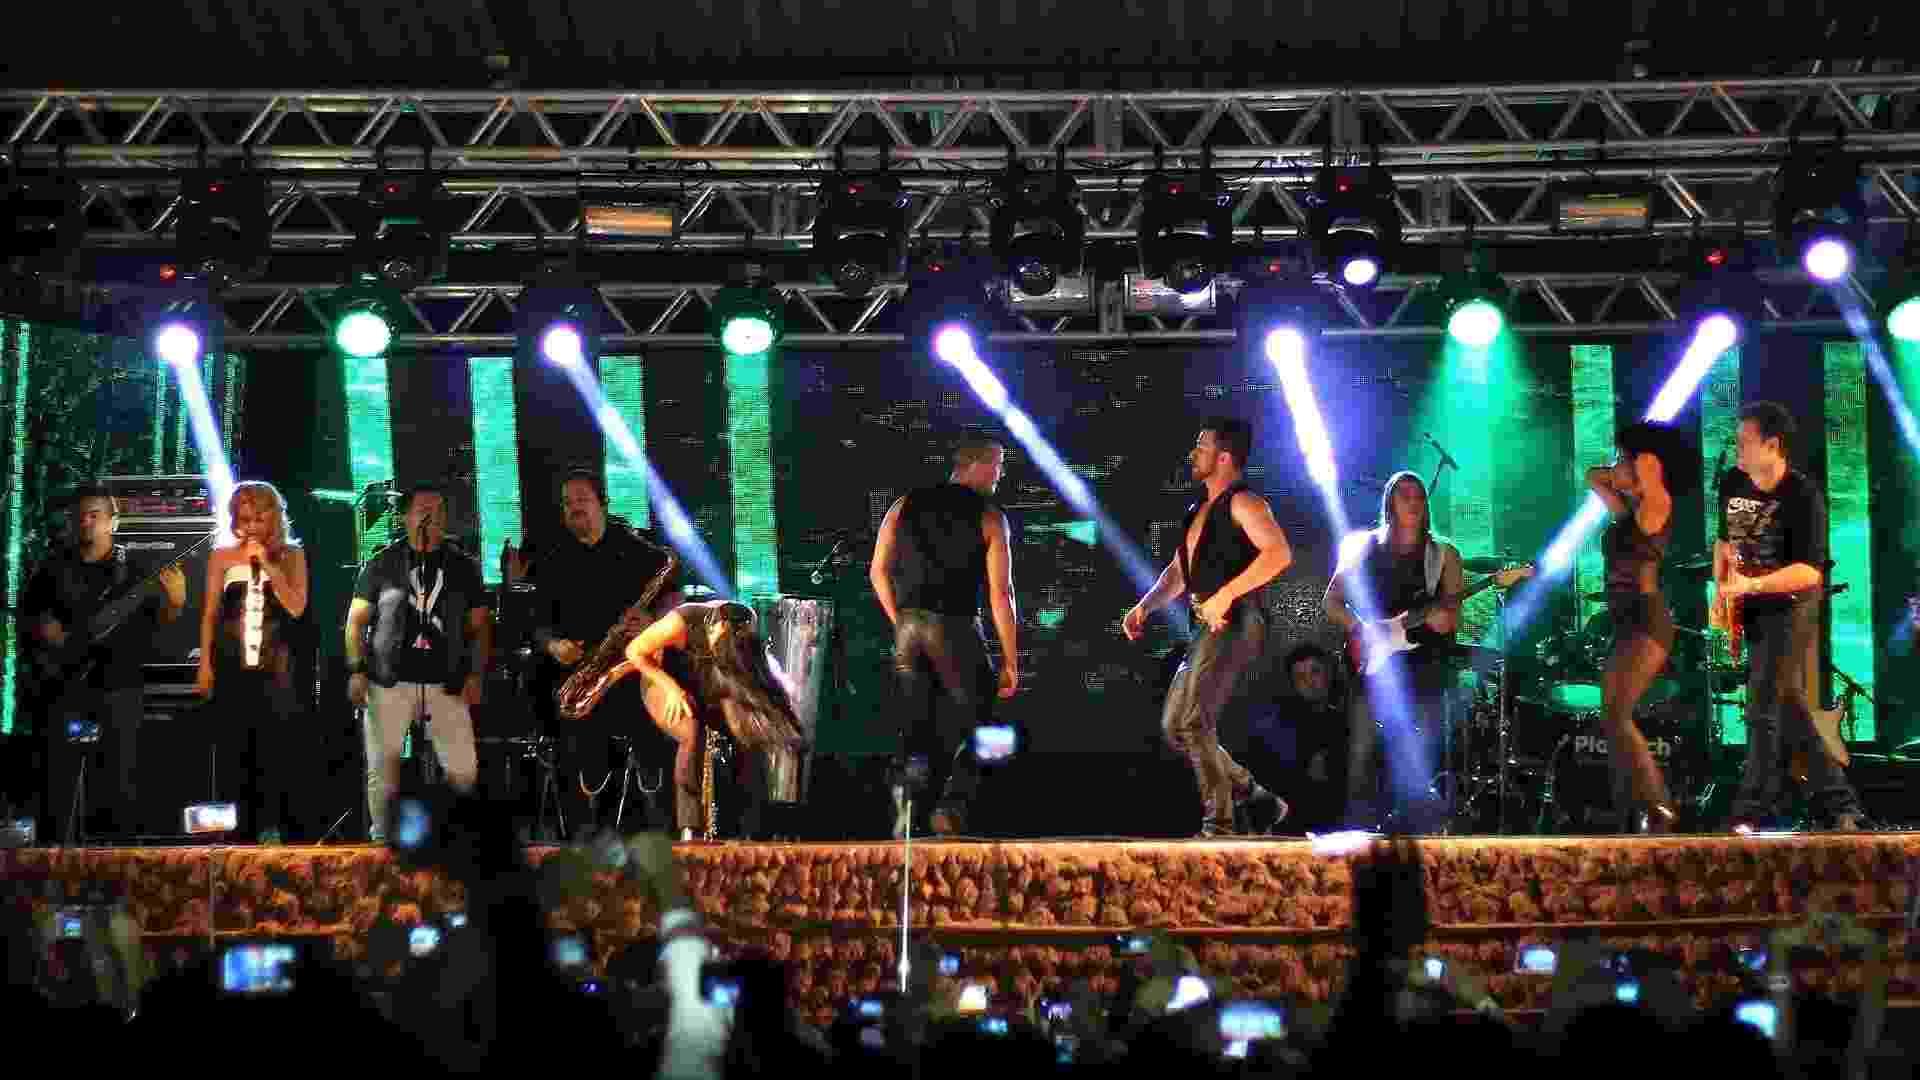 4.out.2015 - Joelma e Chimbinha preferiram manter a maior distância possível no palco durante apresentação em Teresina (PI) - Orlando Berti/UOL